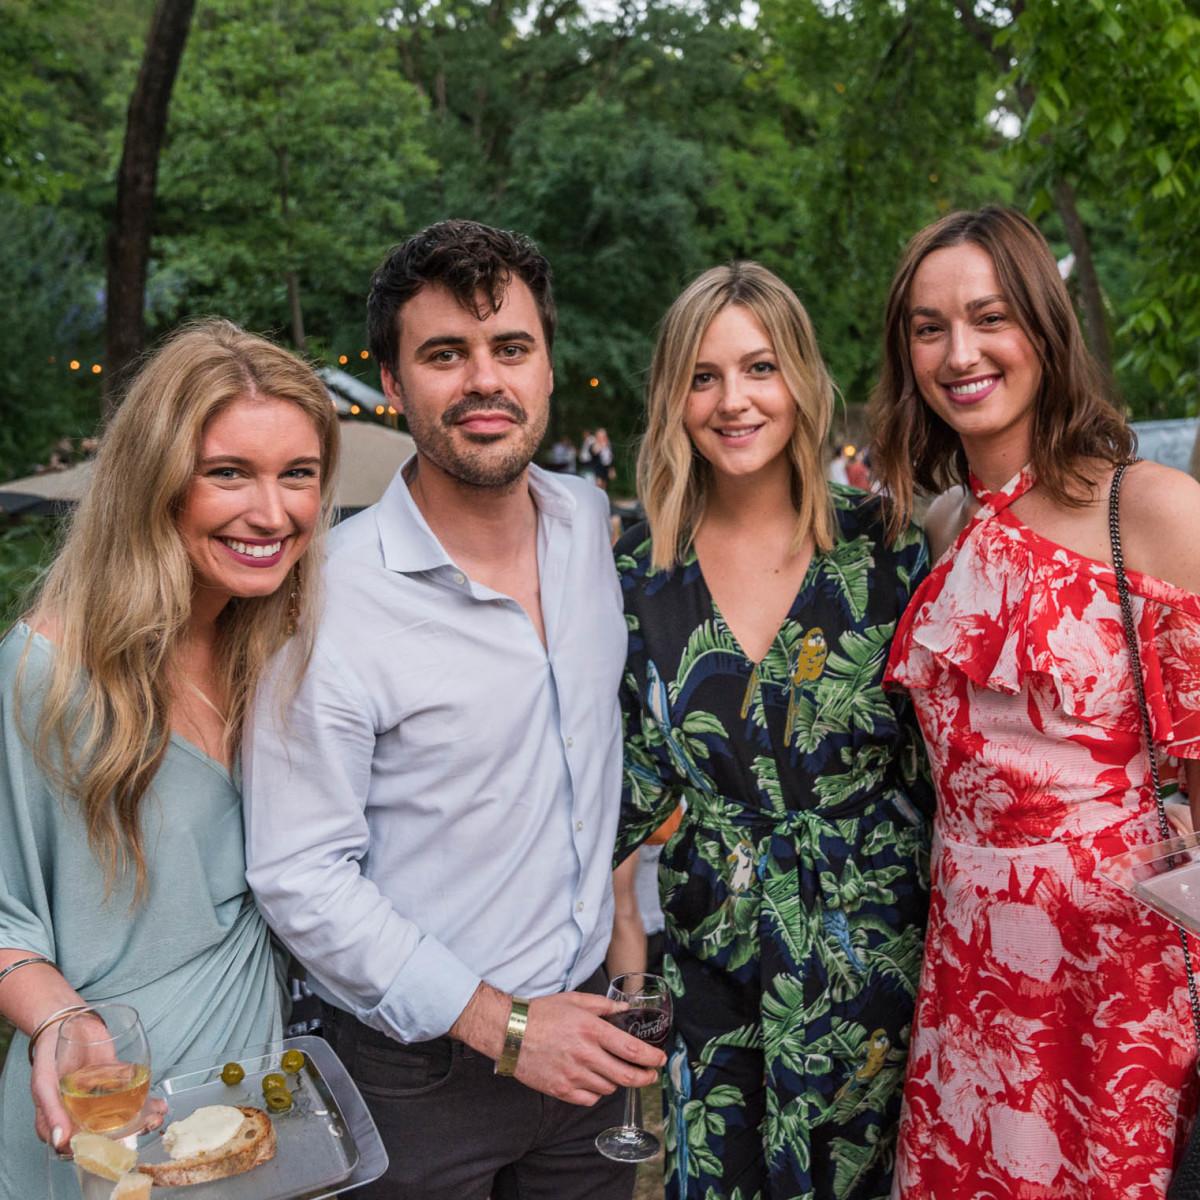 Umlauf Garden Party 2019 Ally Smith Carter Sackman Laura Arnold Hayley Cole